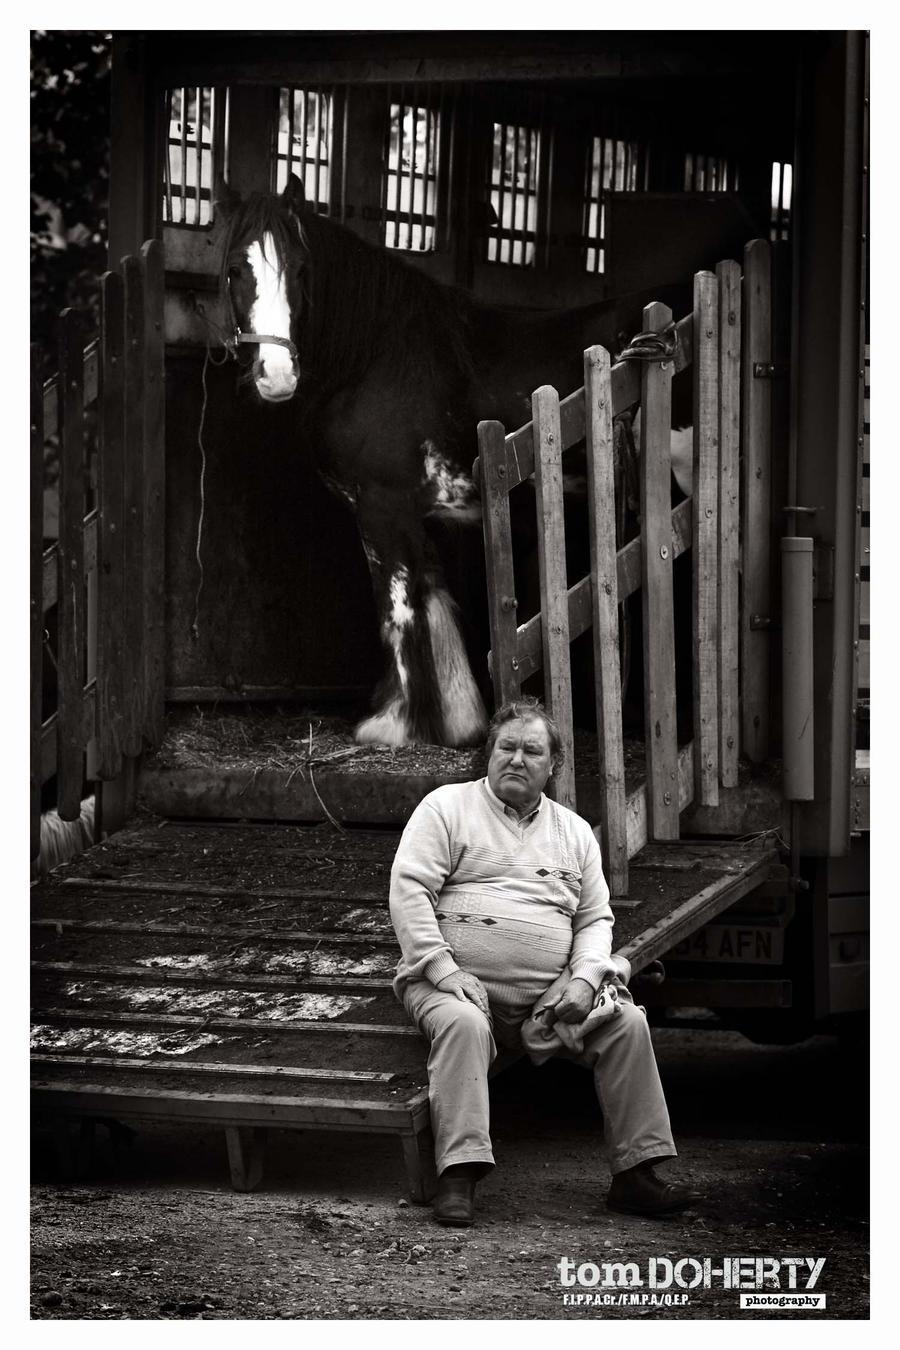 Ballinasloe Horse fair 9 by PicTd